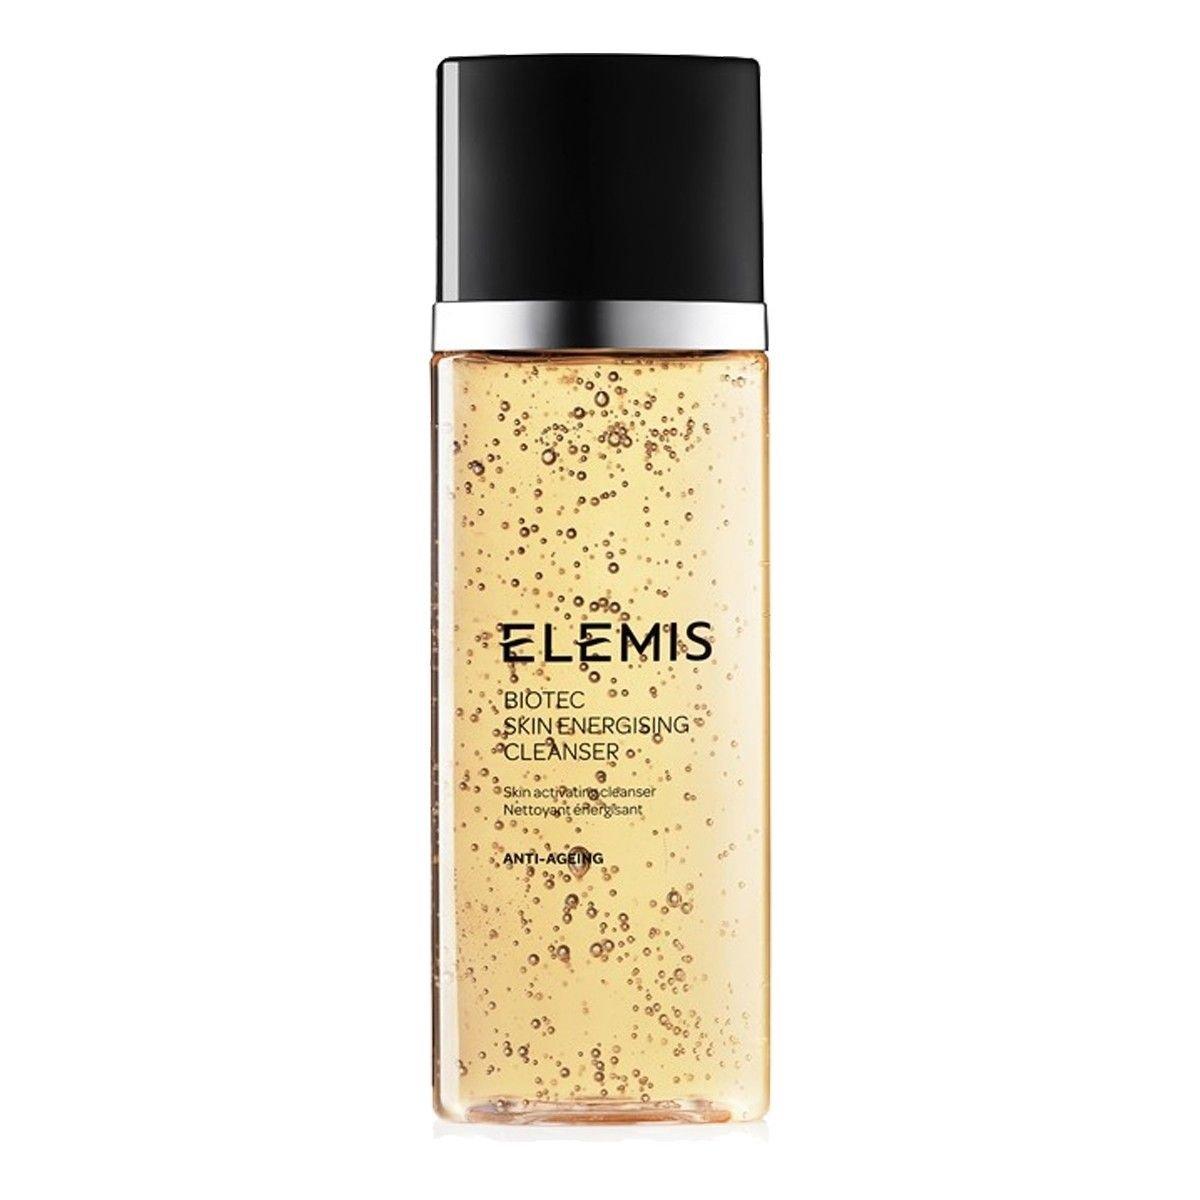 Afbeelding van Elemis BIOTEC Skin Energising Cleanser 200Ml Beauty